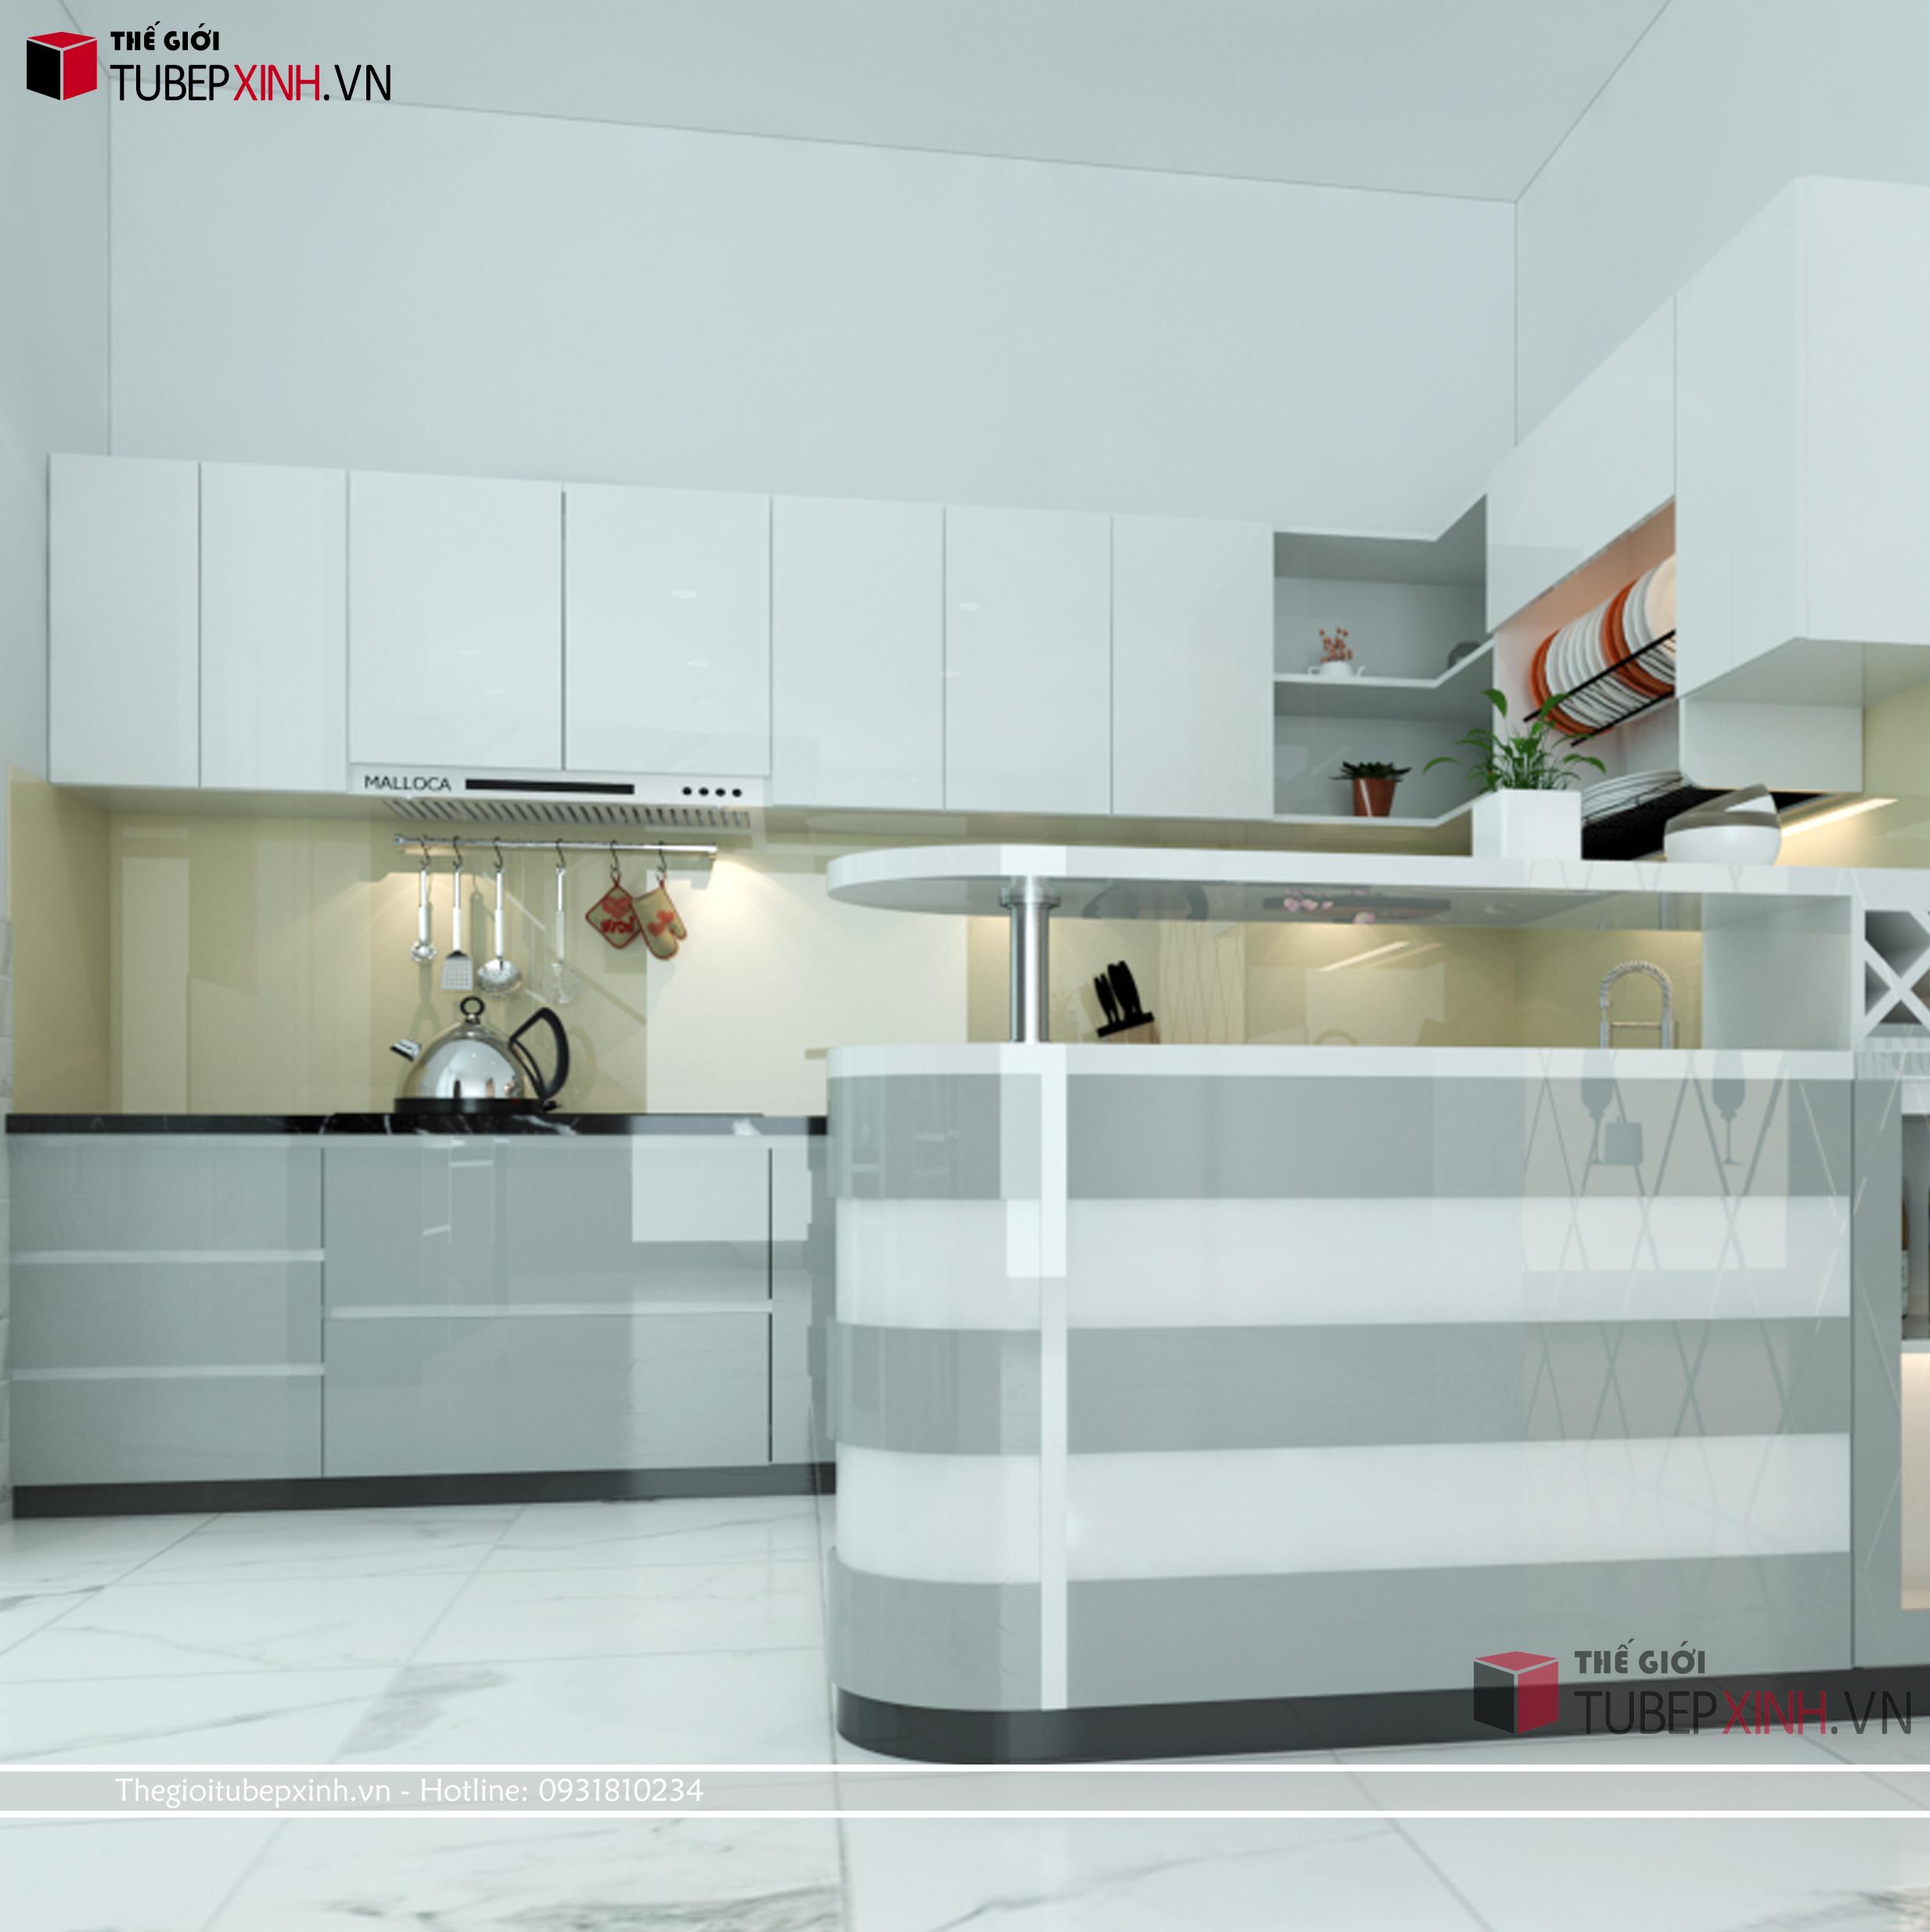 Các loại tủ bếp hiện đại mang nhiều công năng sử dụng